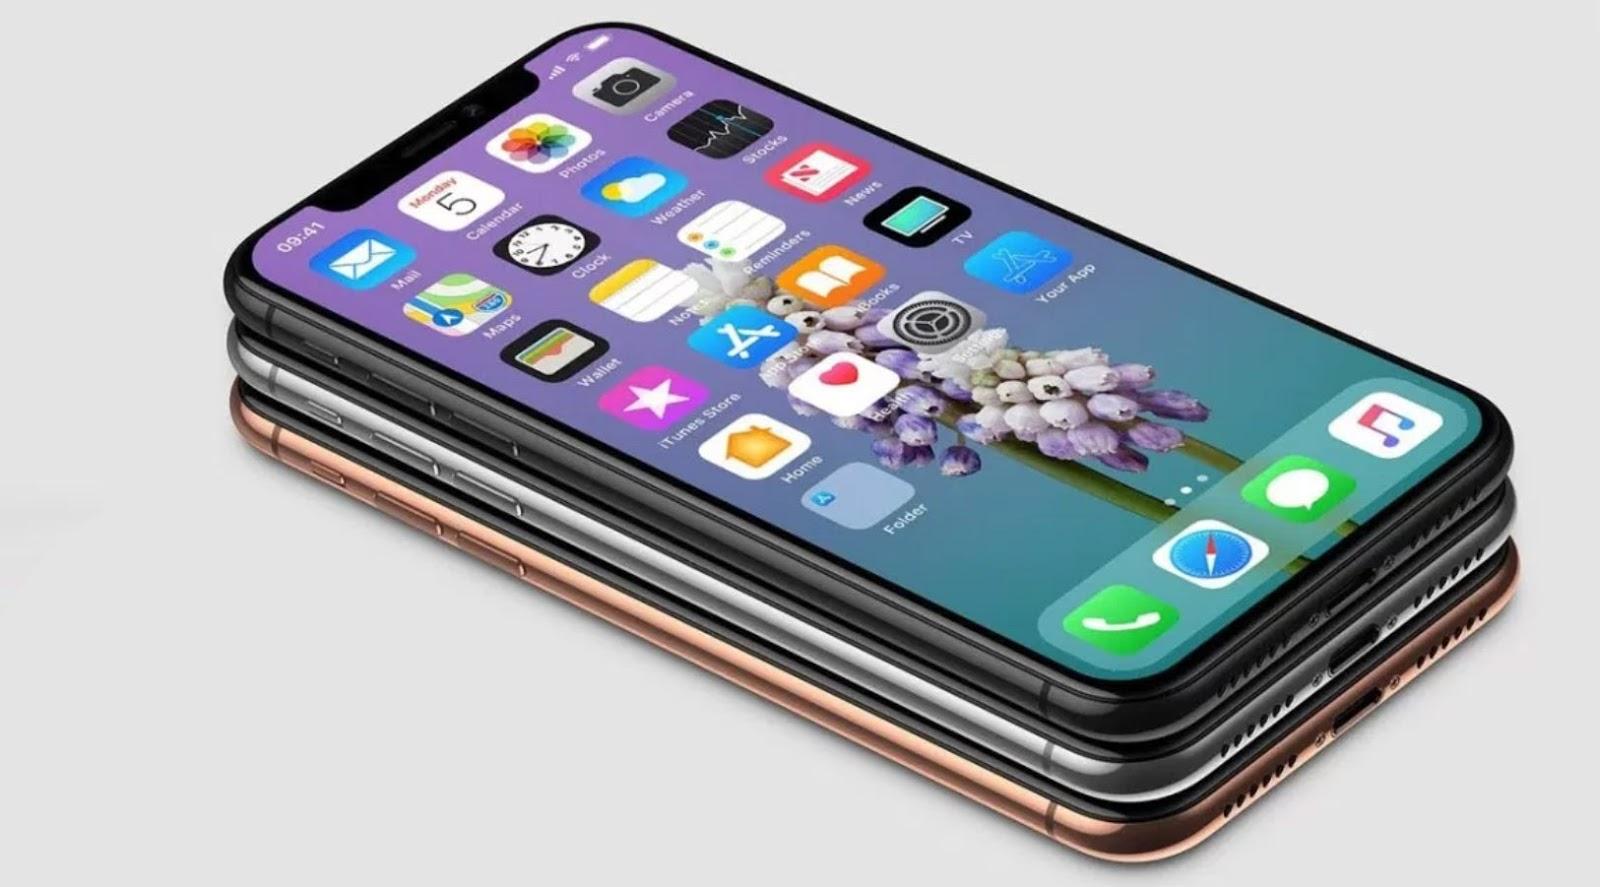 Cara Terbaru Mengetahui Negara Asal Pembuatan iPhone